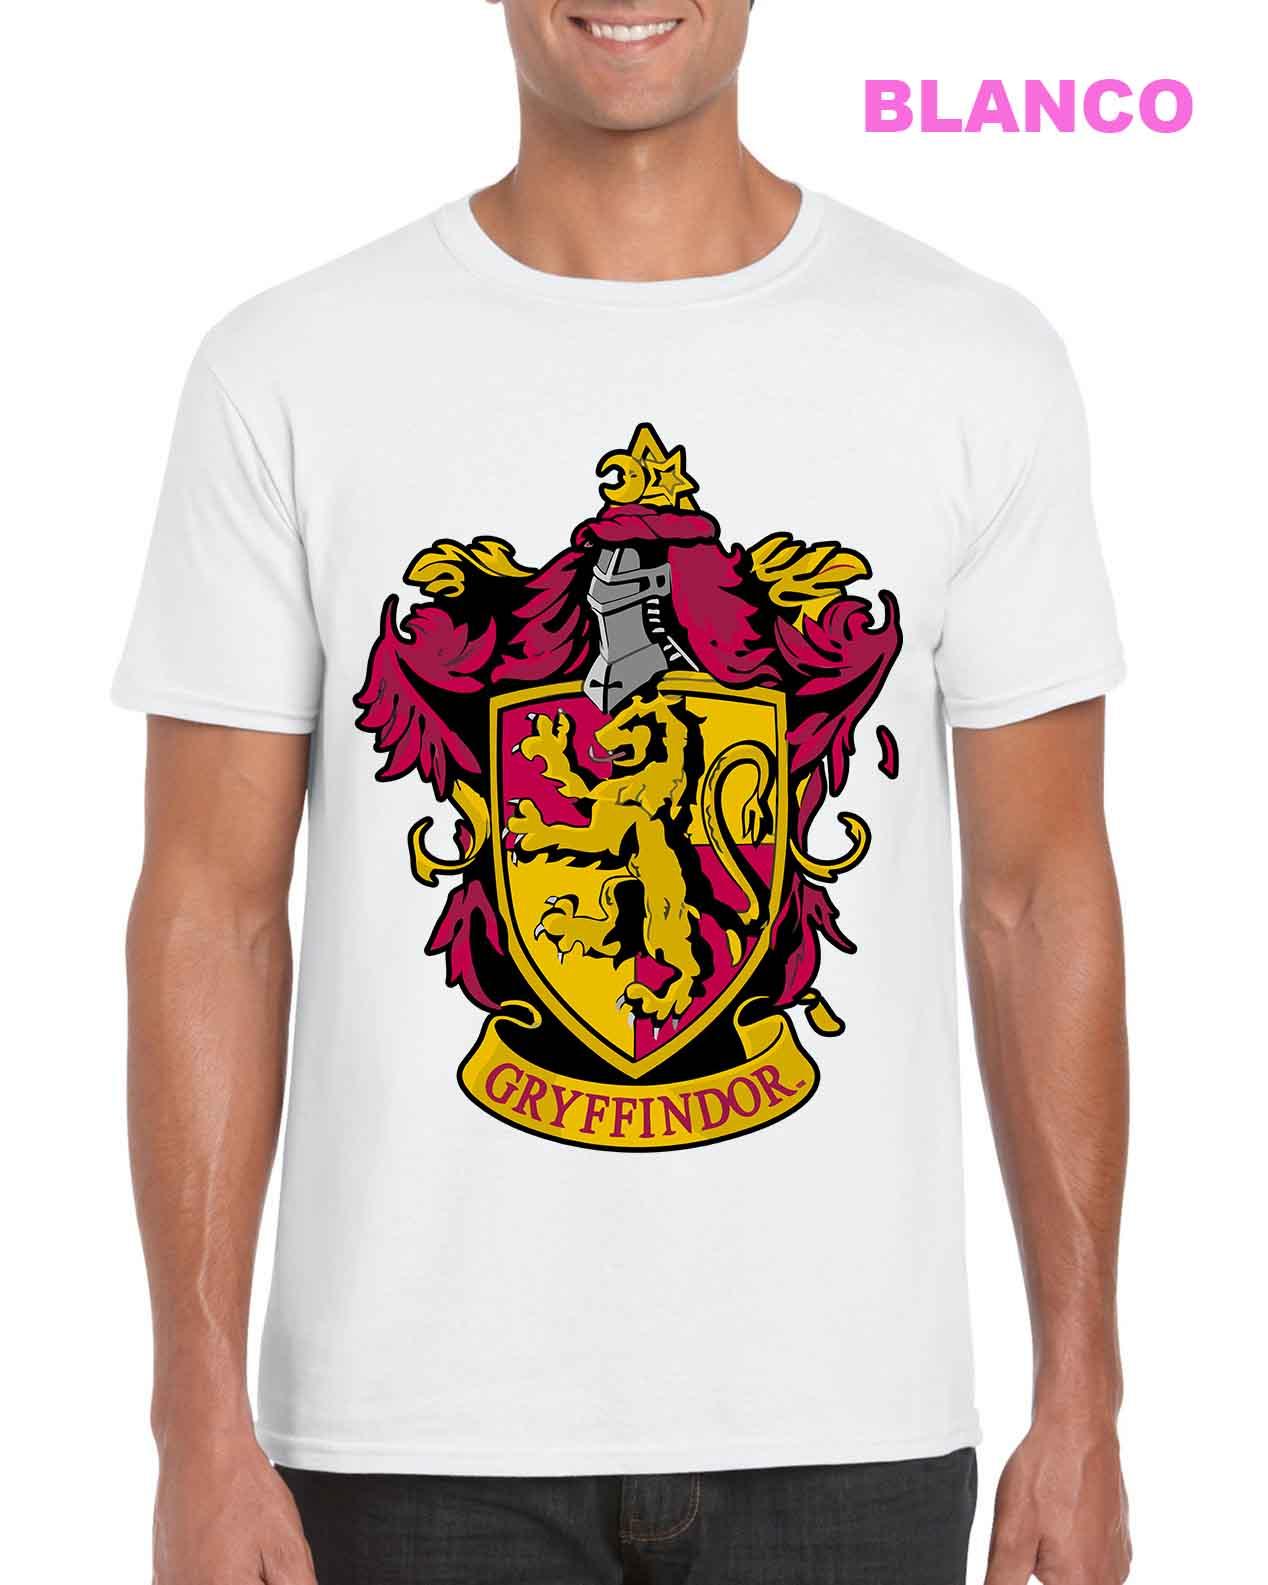 Gryffindor - Shield